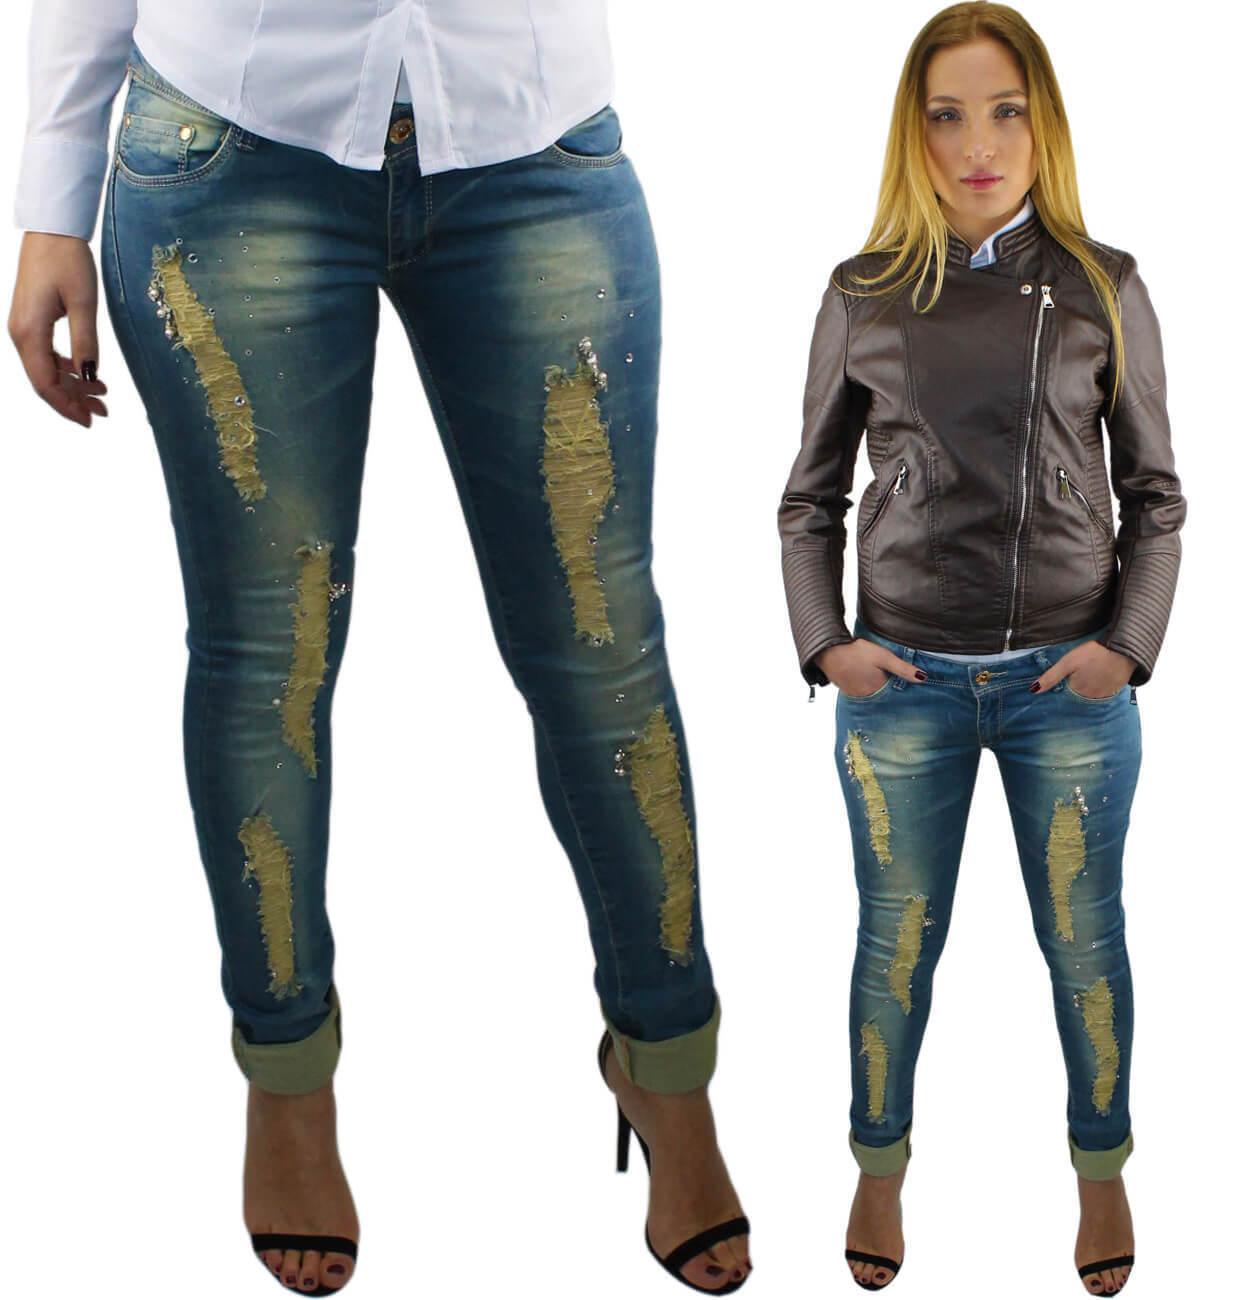 a85183091f7eea Jeans donna pantaloni slim fit skinny strappati vita bassa 40 42 44 ...